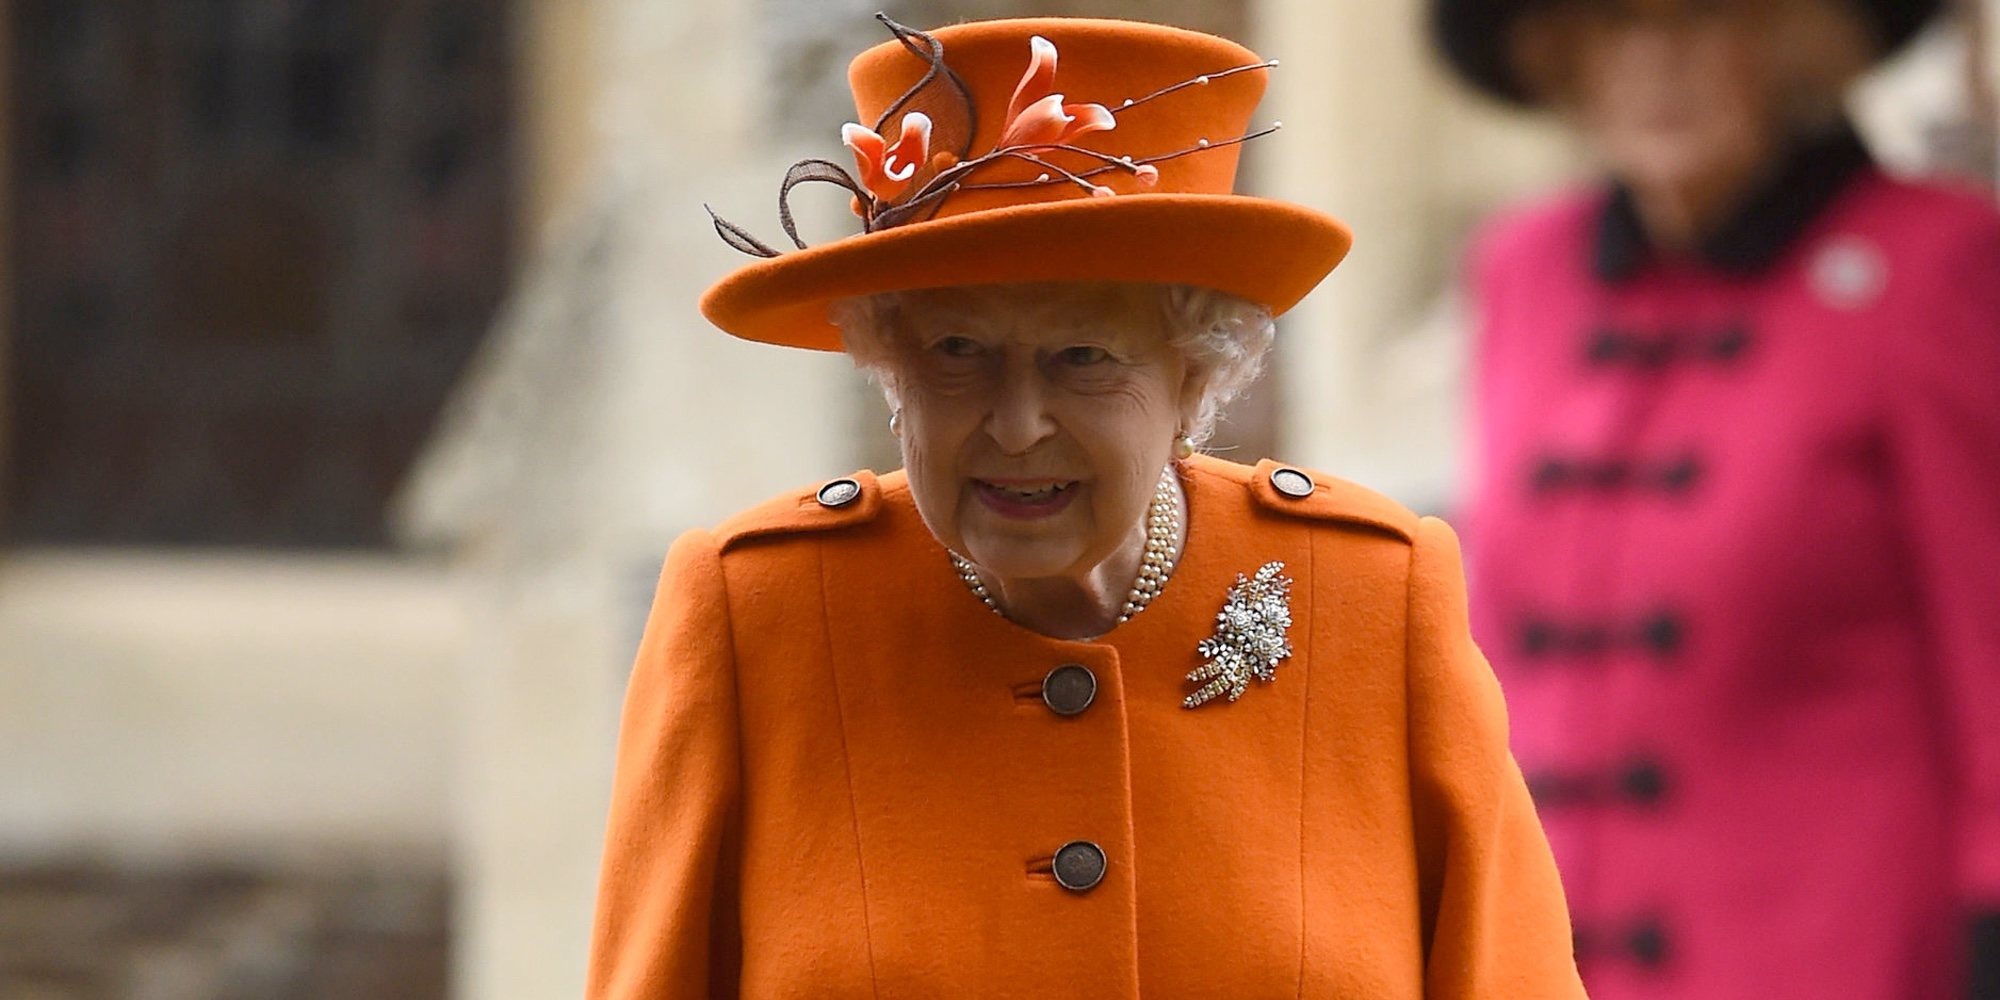 La Reina Isabel cancela su presencia en un acto oficial por enfermedad